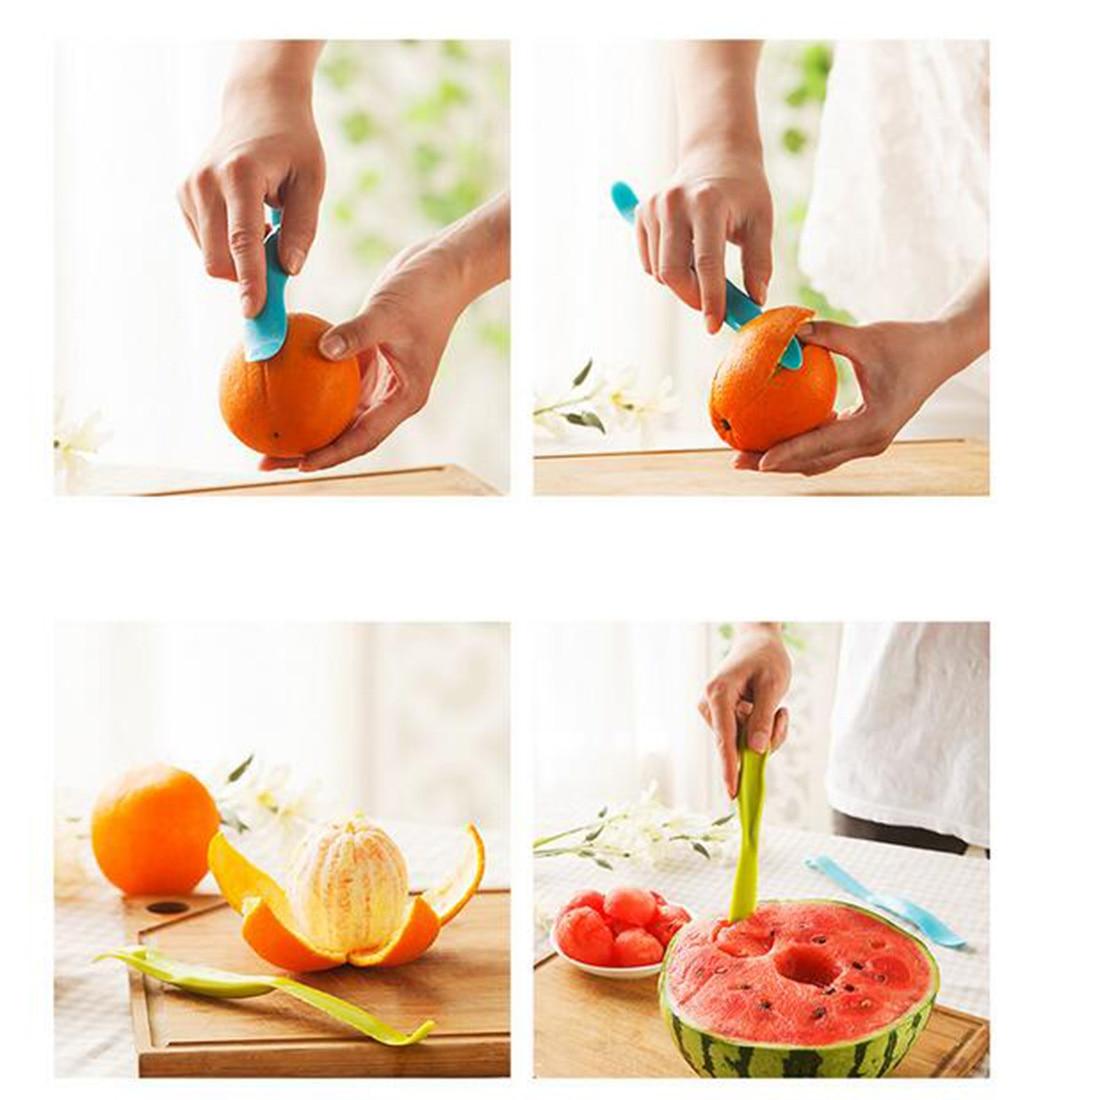 Полезная Главная Хатч прибор милый Универсальный фрукты Ножи Кухня гаджеты Овощечистка Баркер